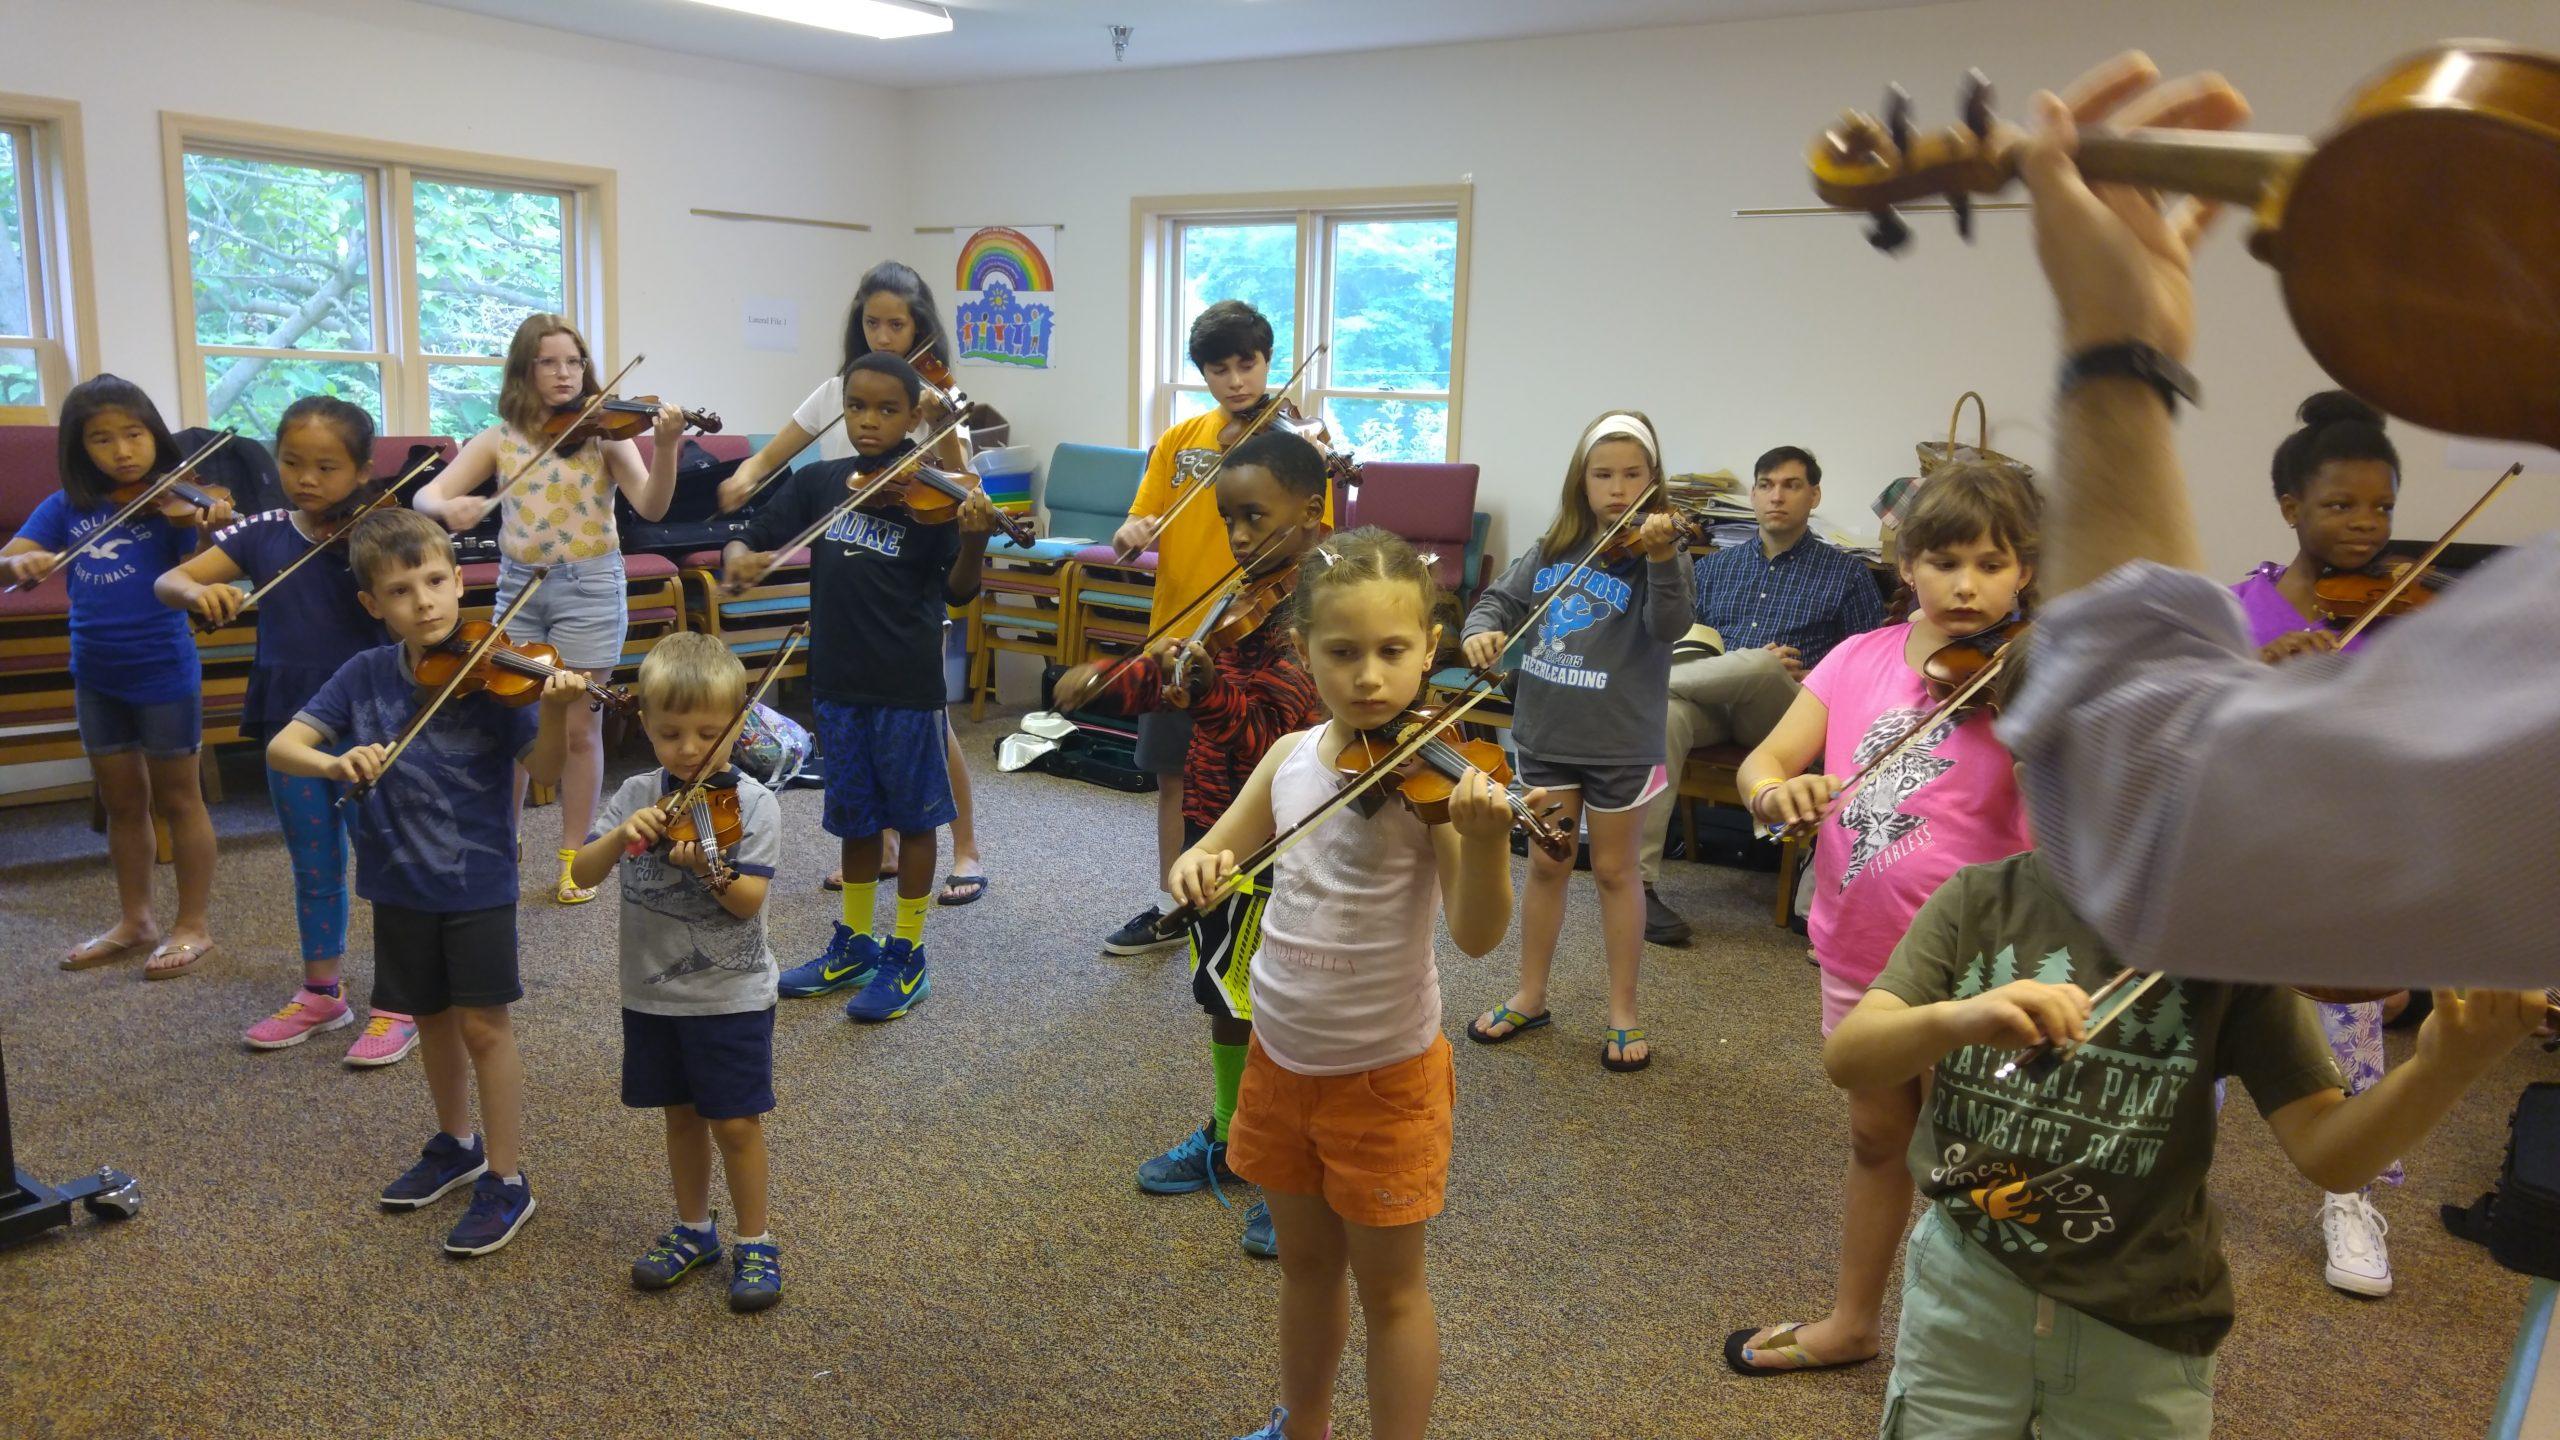 Children playing violin